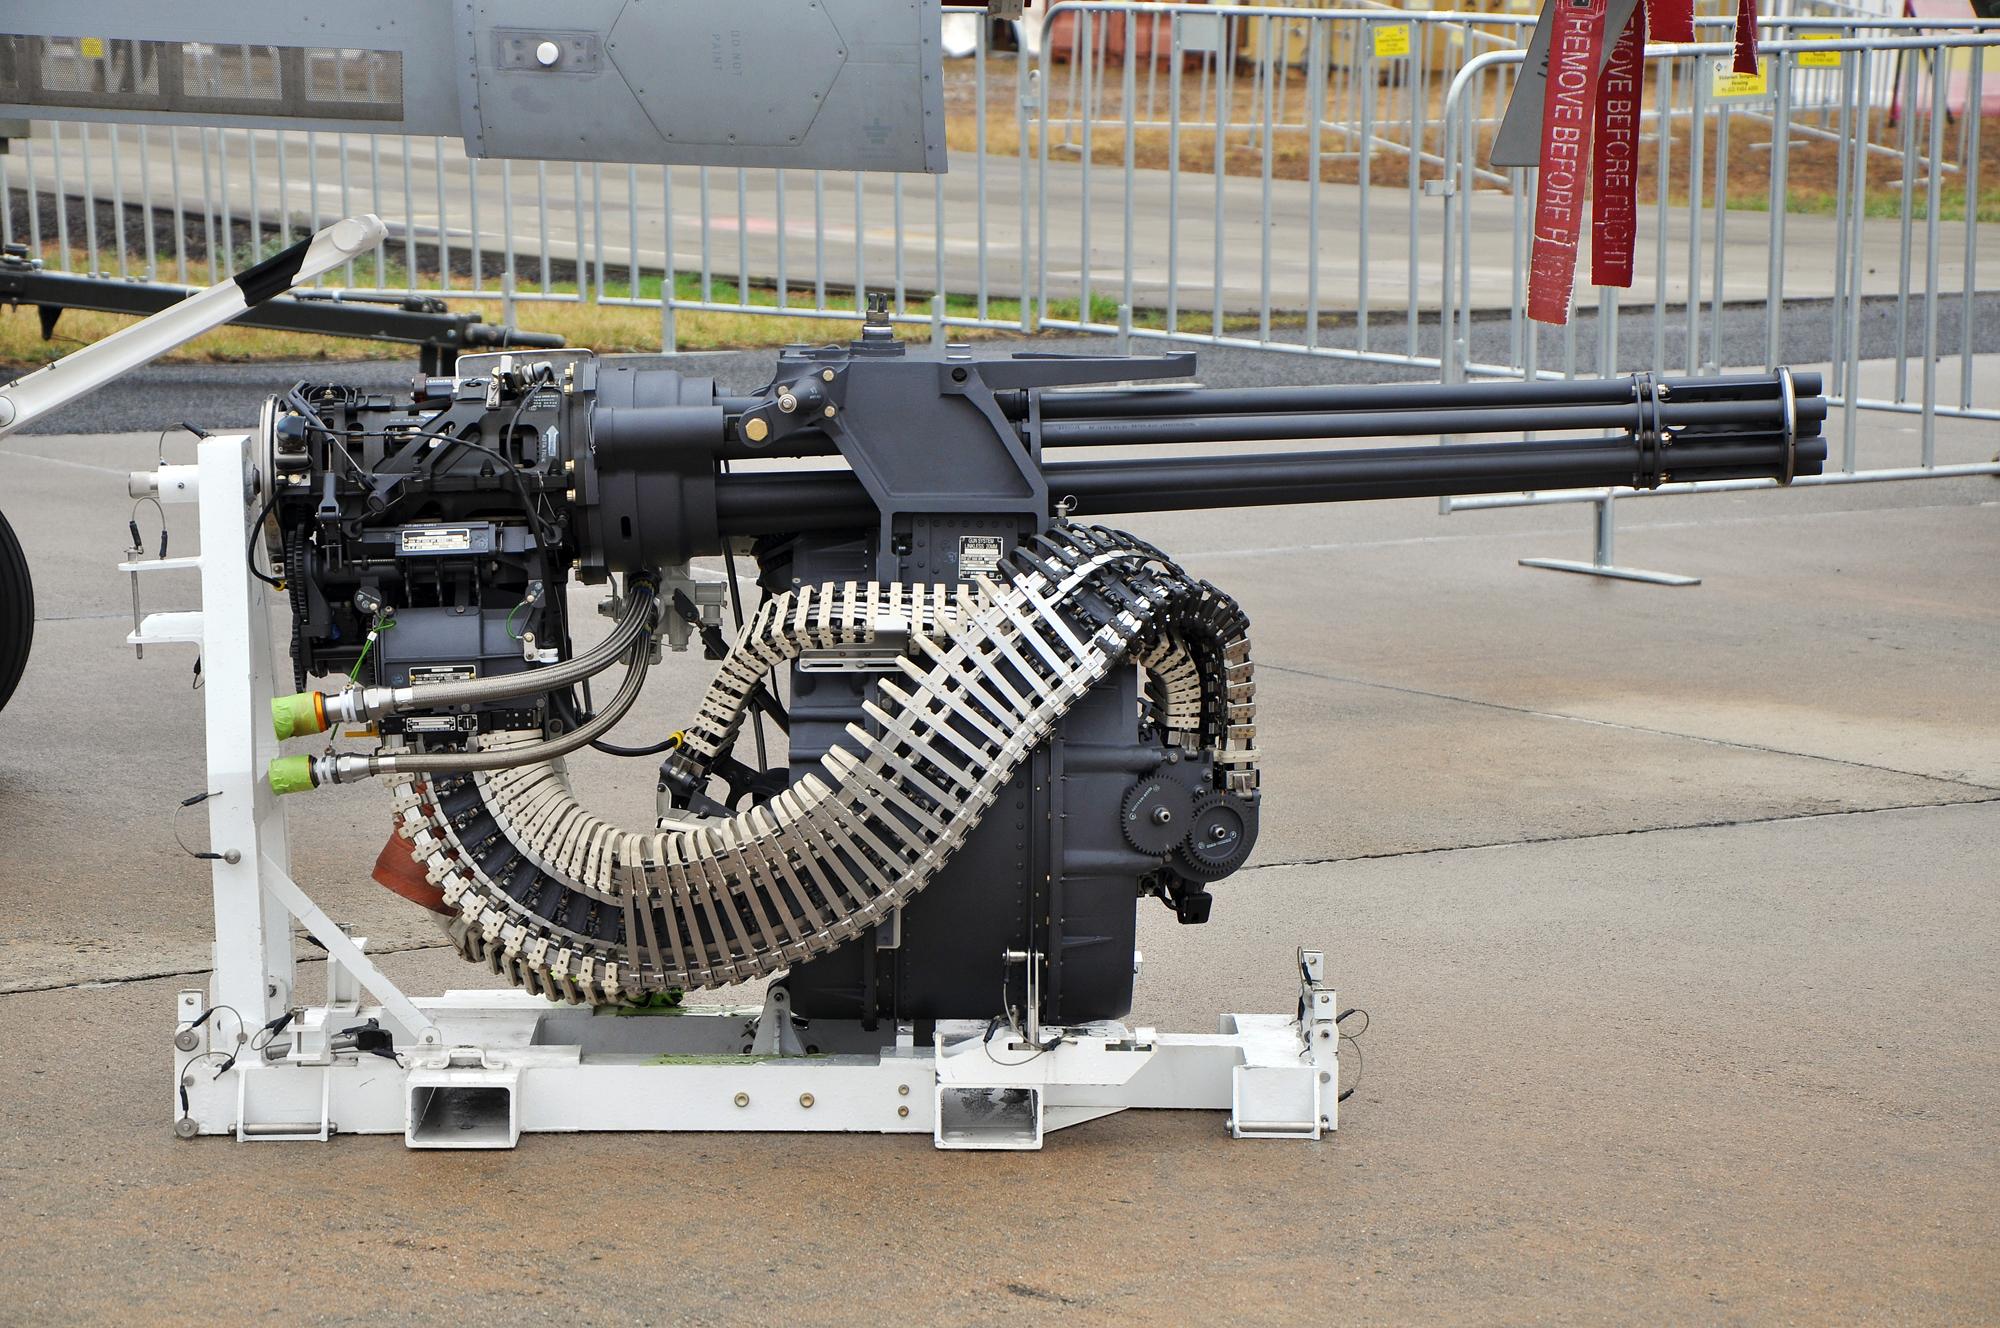 Big gun M61 Vulcan - YouTube